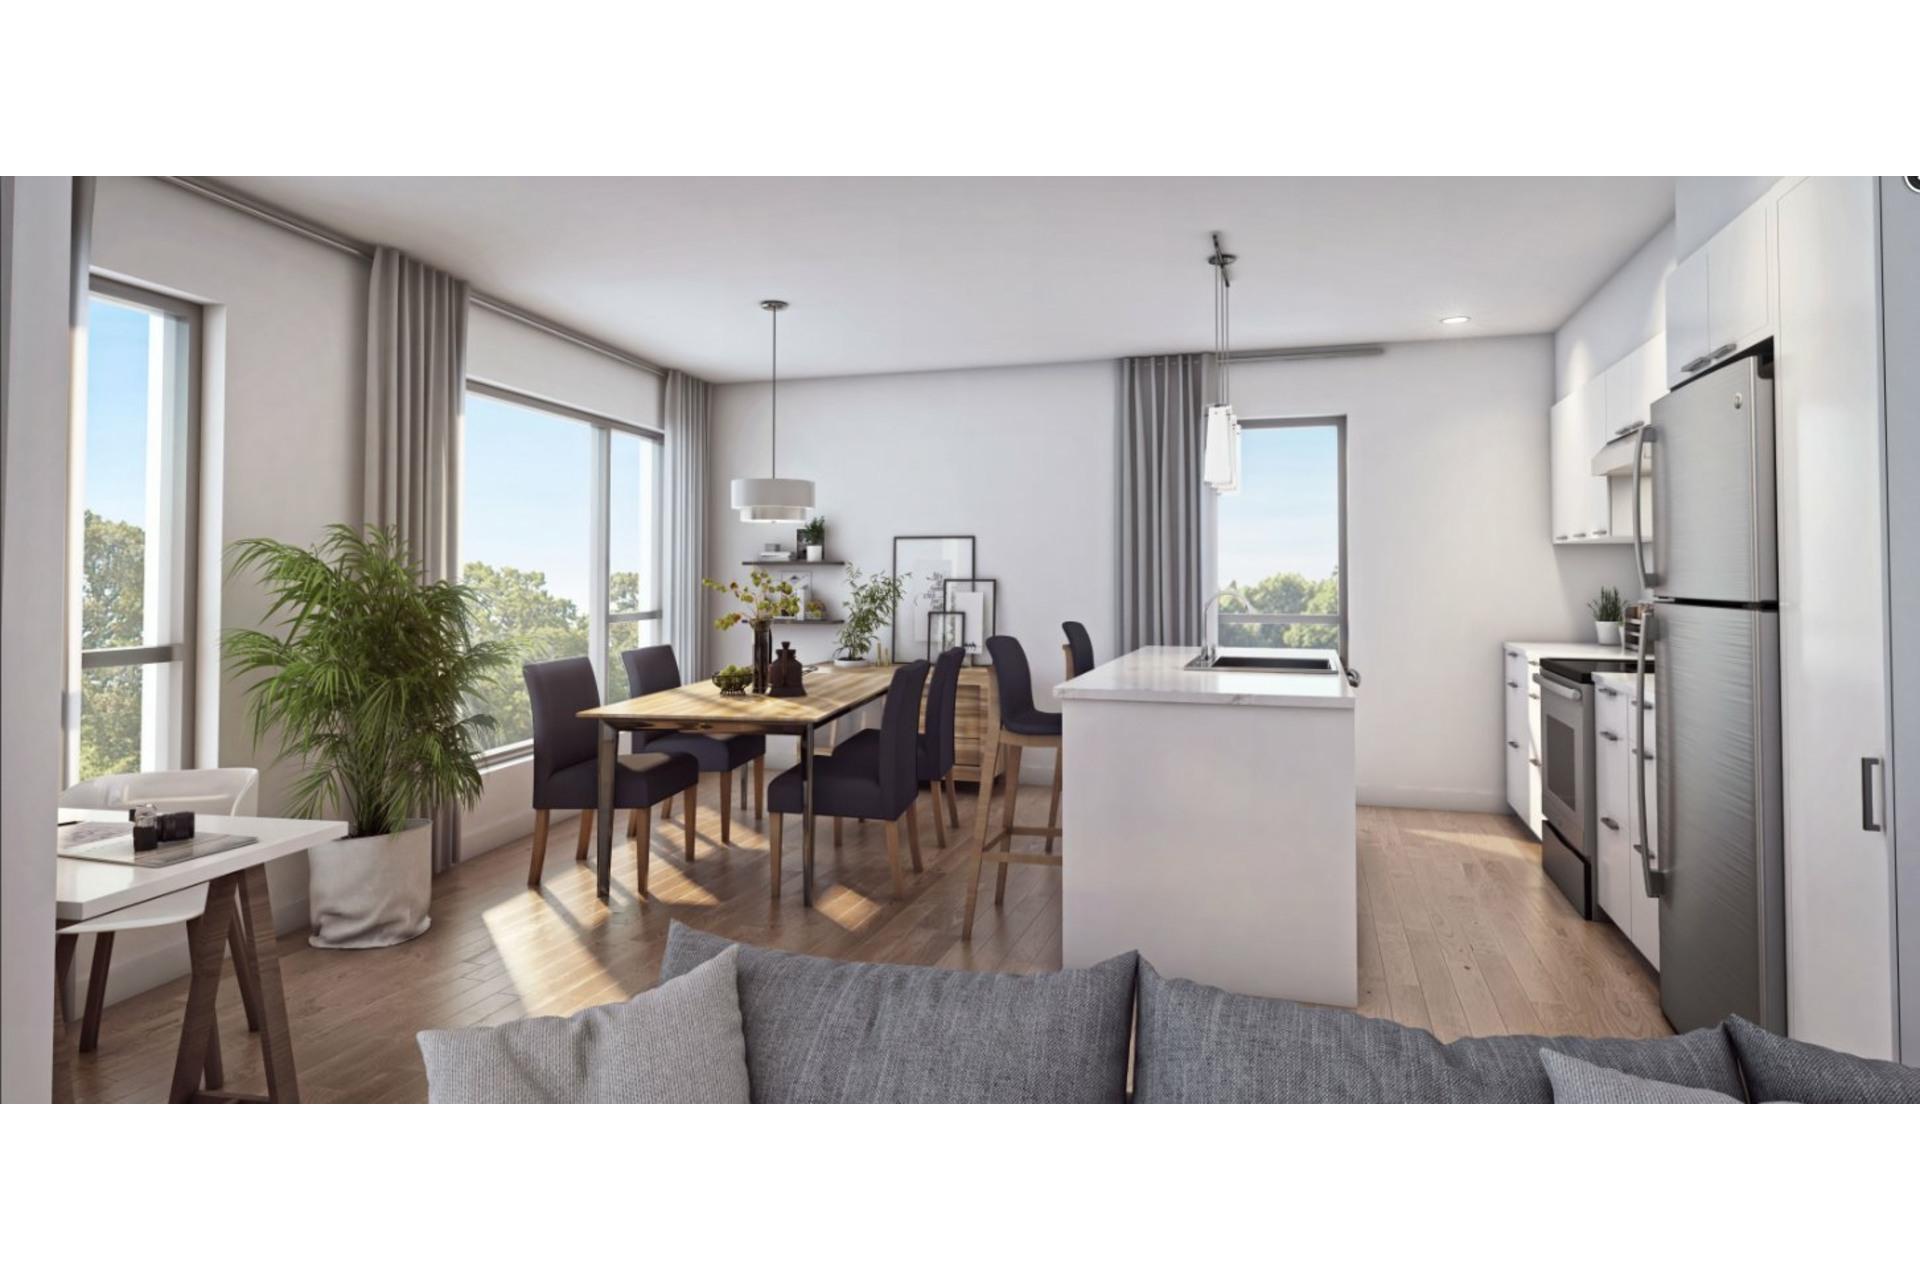 image 3 - Appartement À vendre Montréal Rosemont/La Petite-Patrie  - 5 pièces